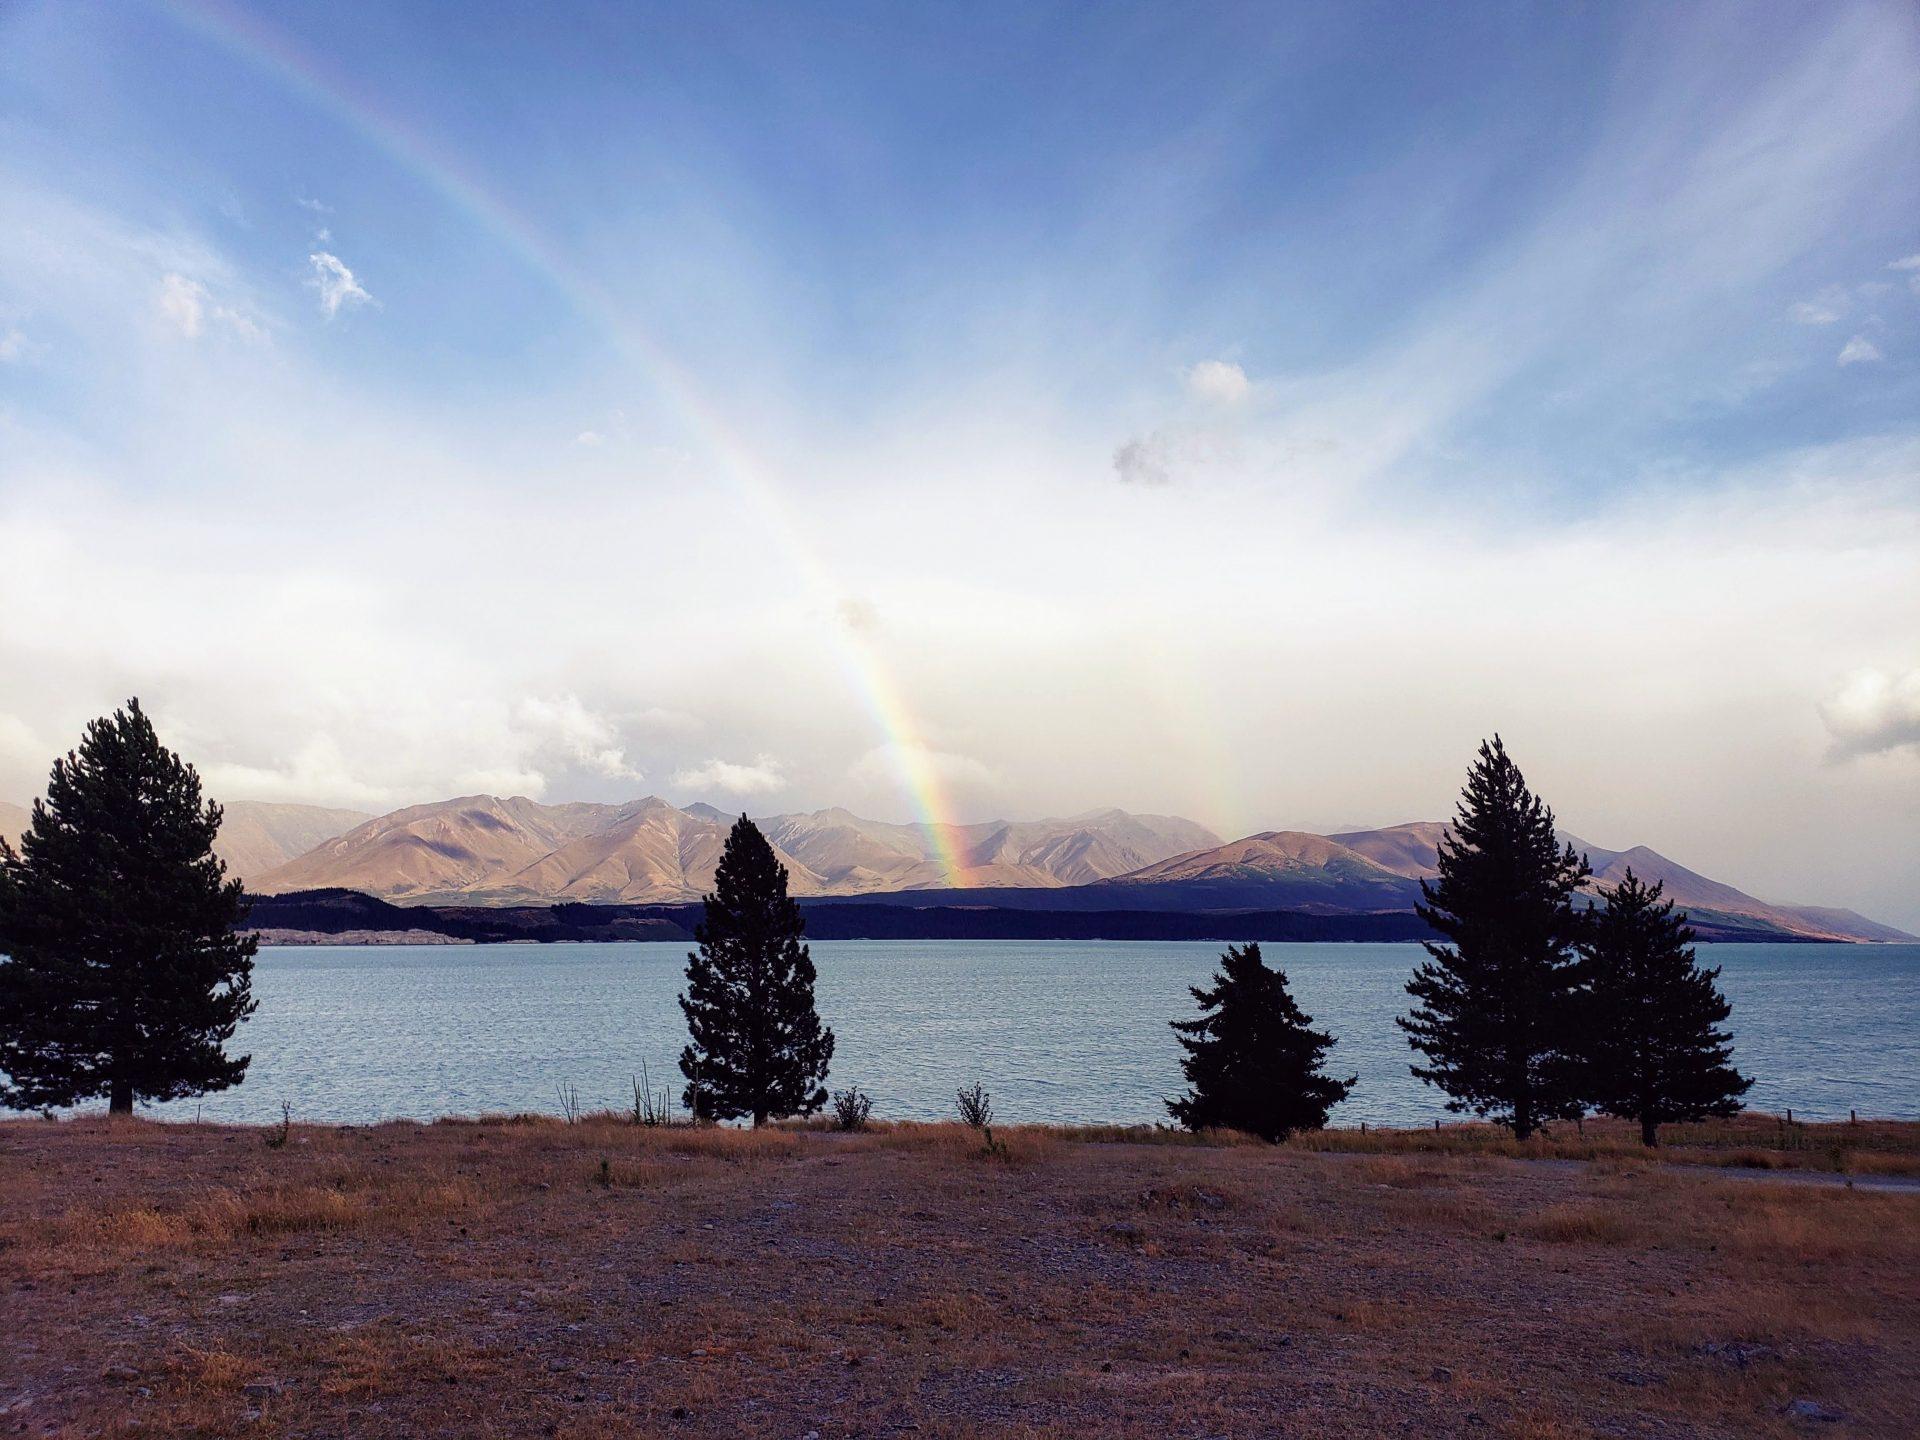 Lake Tekapo & Mount Cook, Canterbury, New Zealand – 2 Day Trip